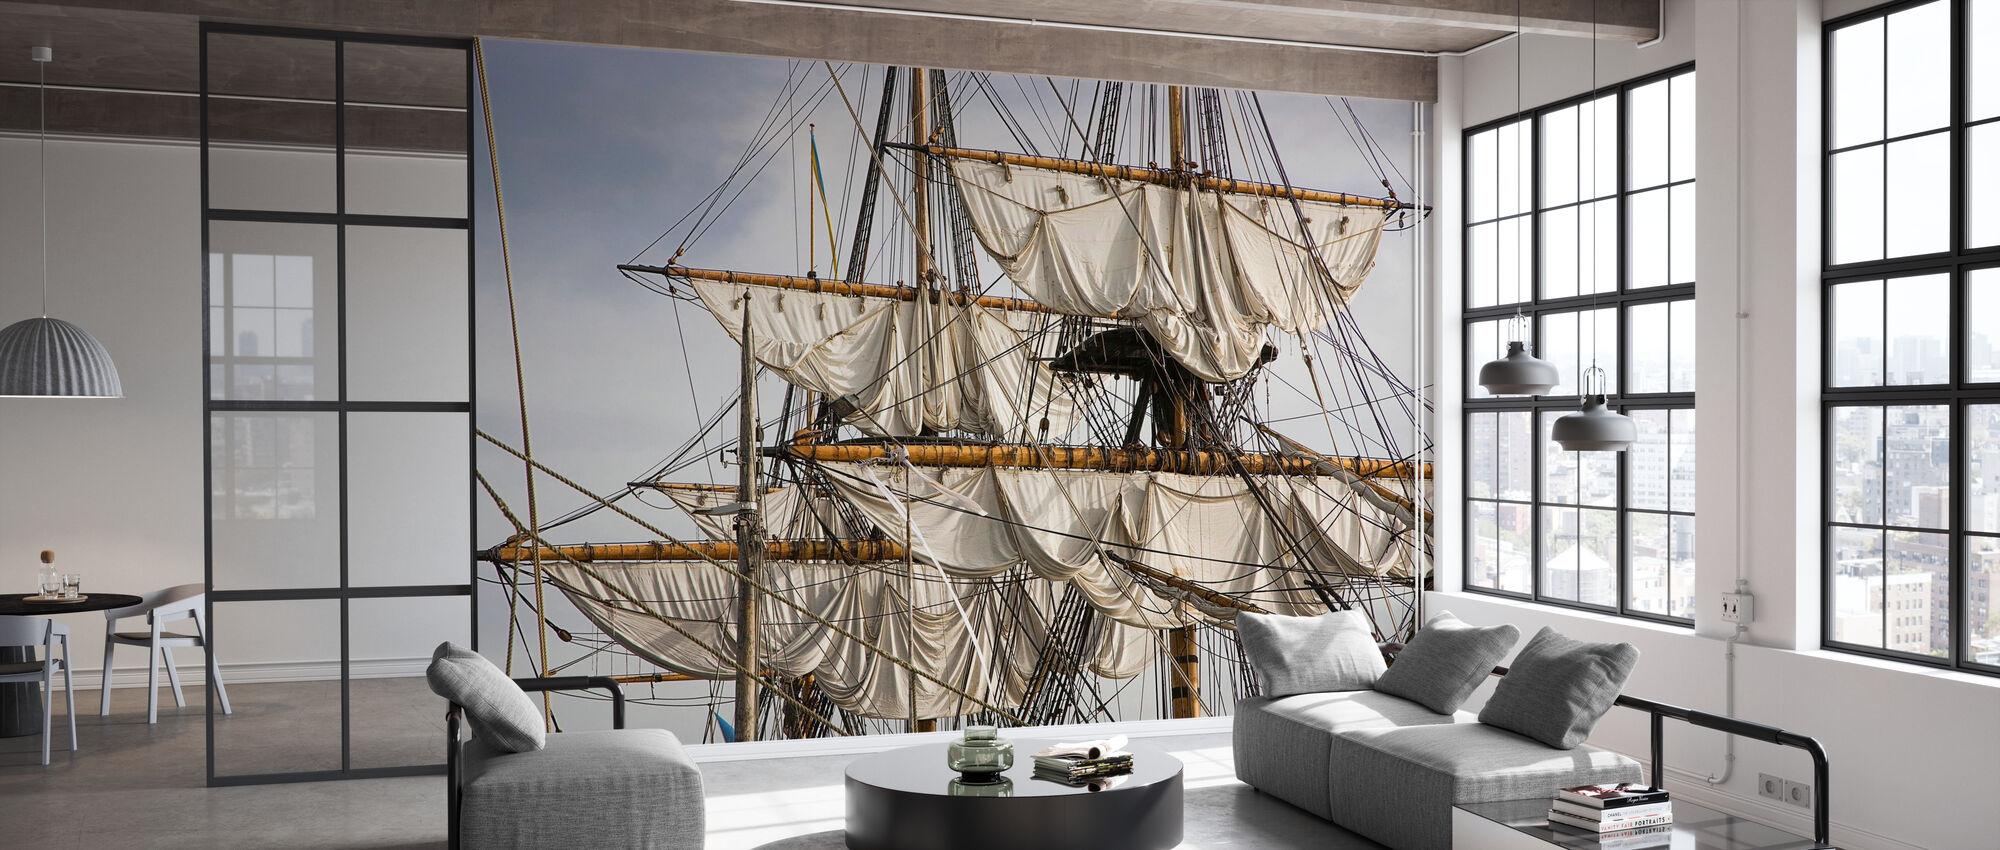 Sailing Ship - Wallpaper - Office